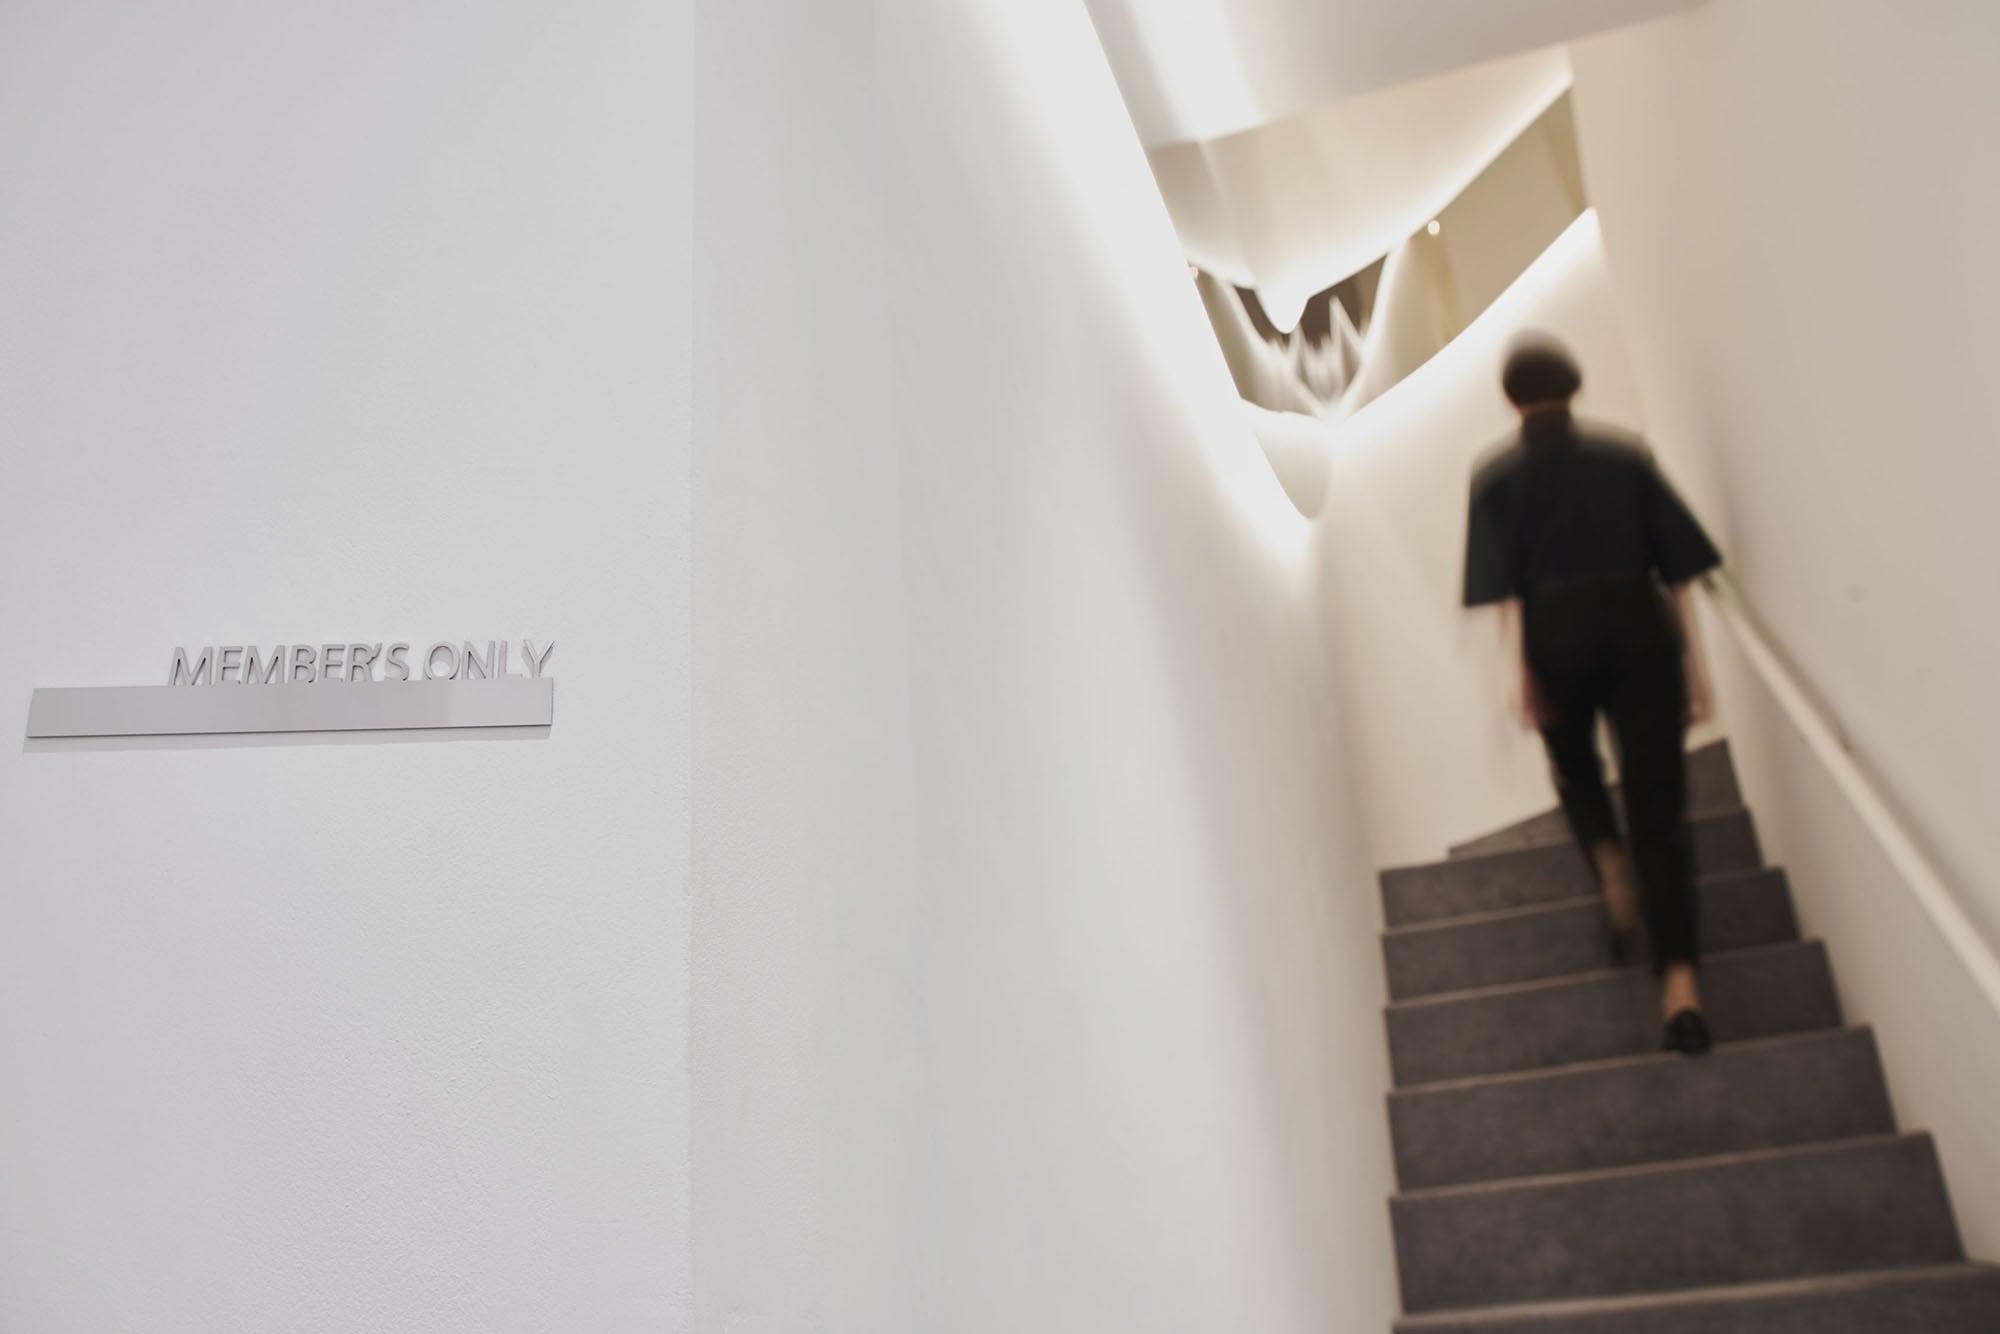 特別に招待される2階へ。期待感が高まるひととき。